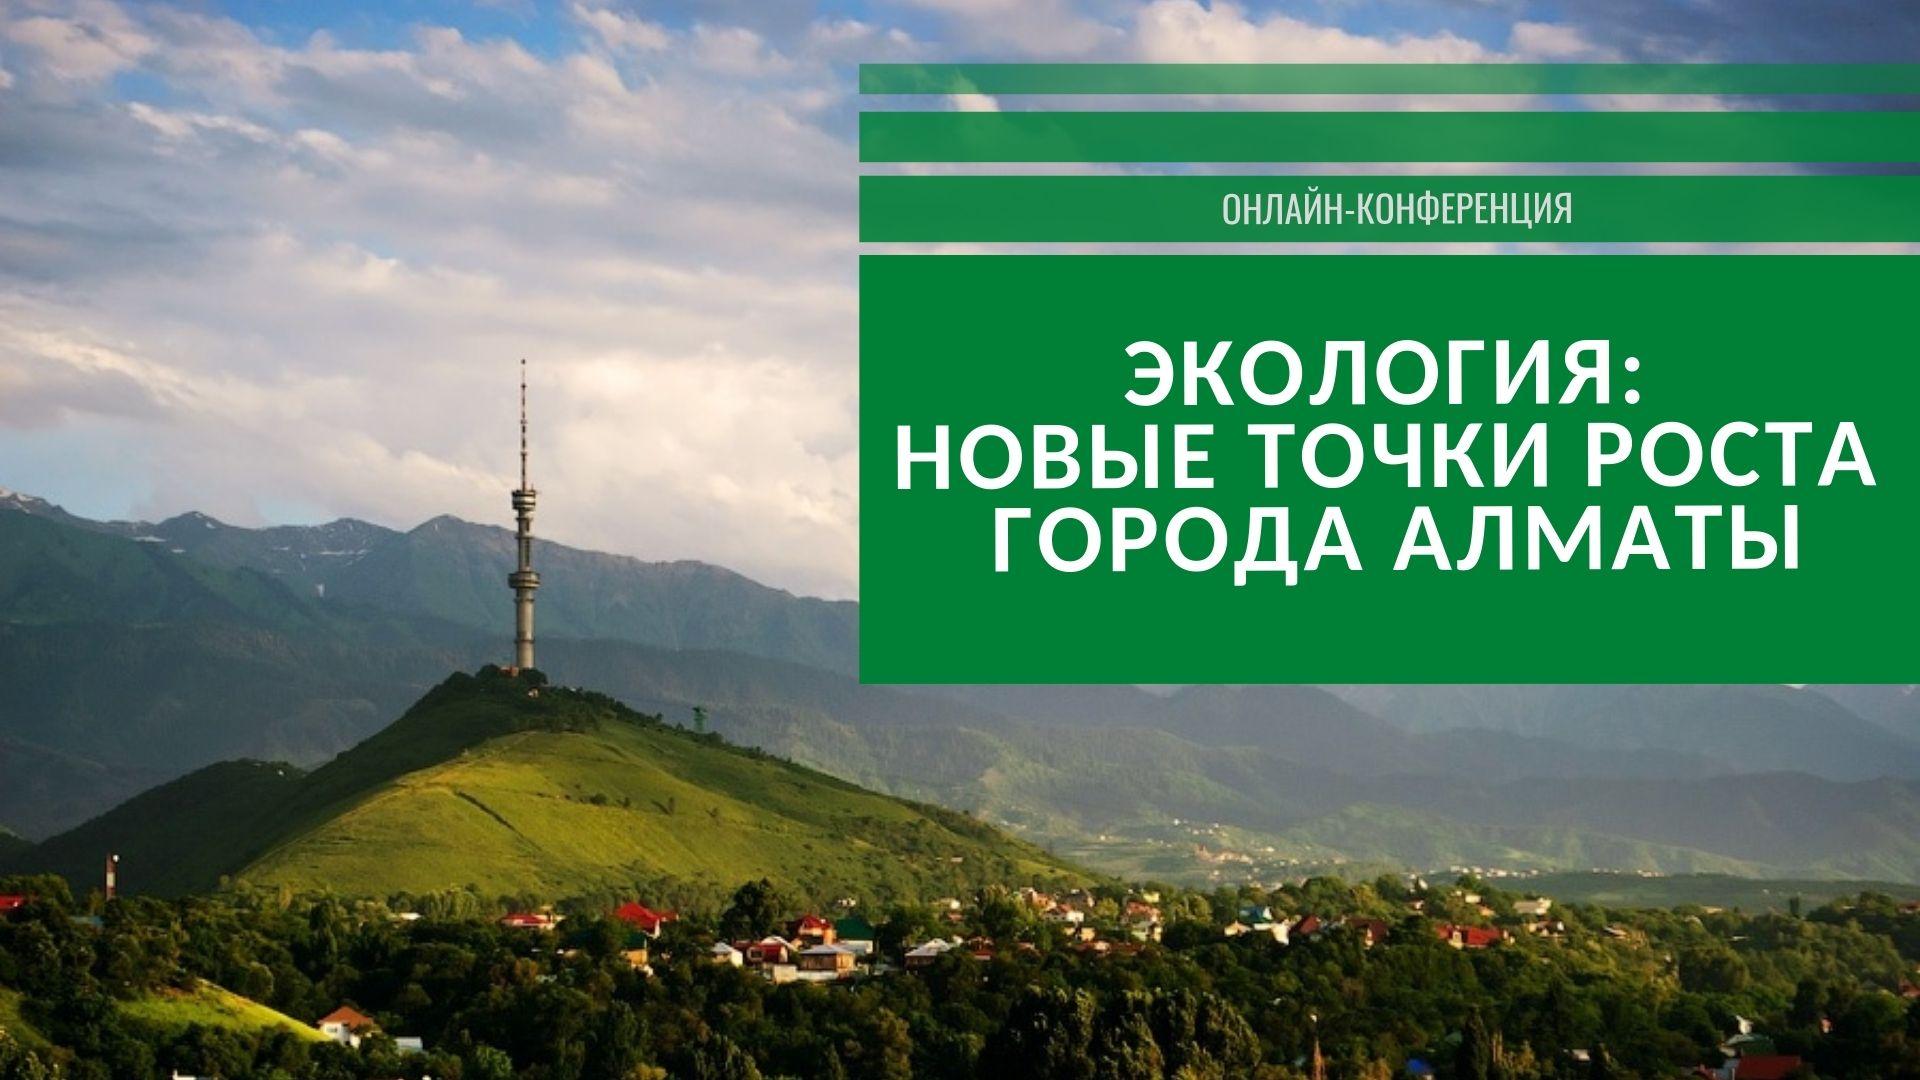 В южной столице пройдет онлайн-конференция «Новые точки роста города Алматы»